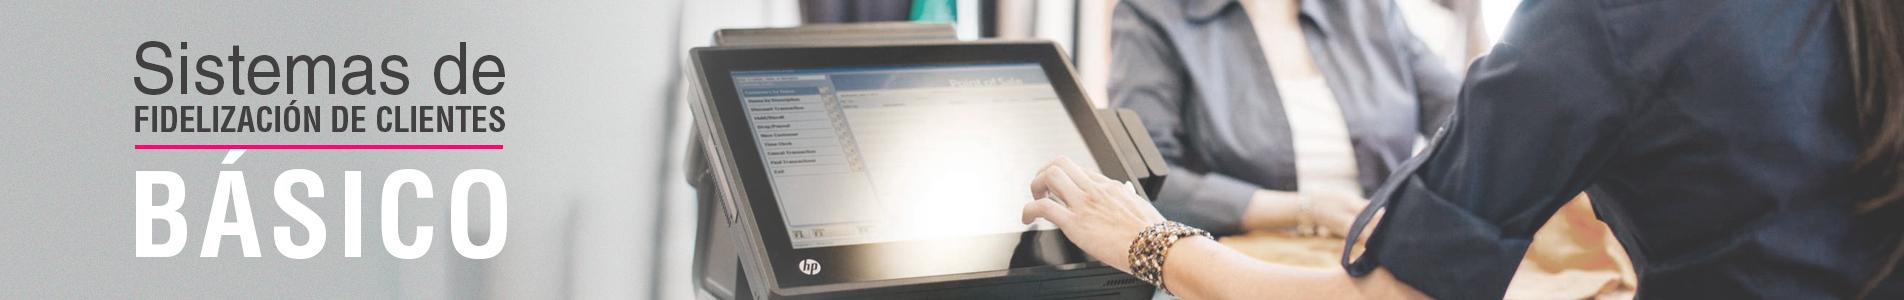 imagen programa de fidelización de clientes escritorio programa fidelidad básico